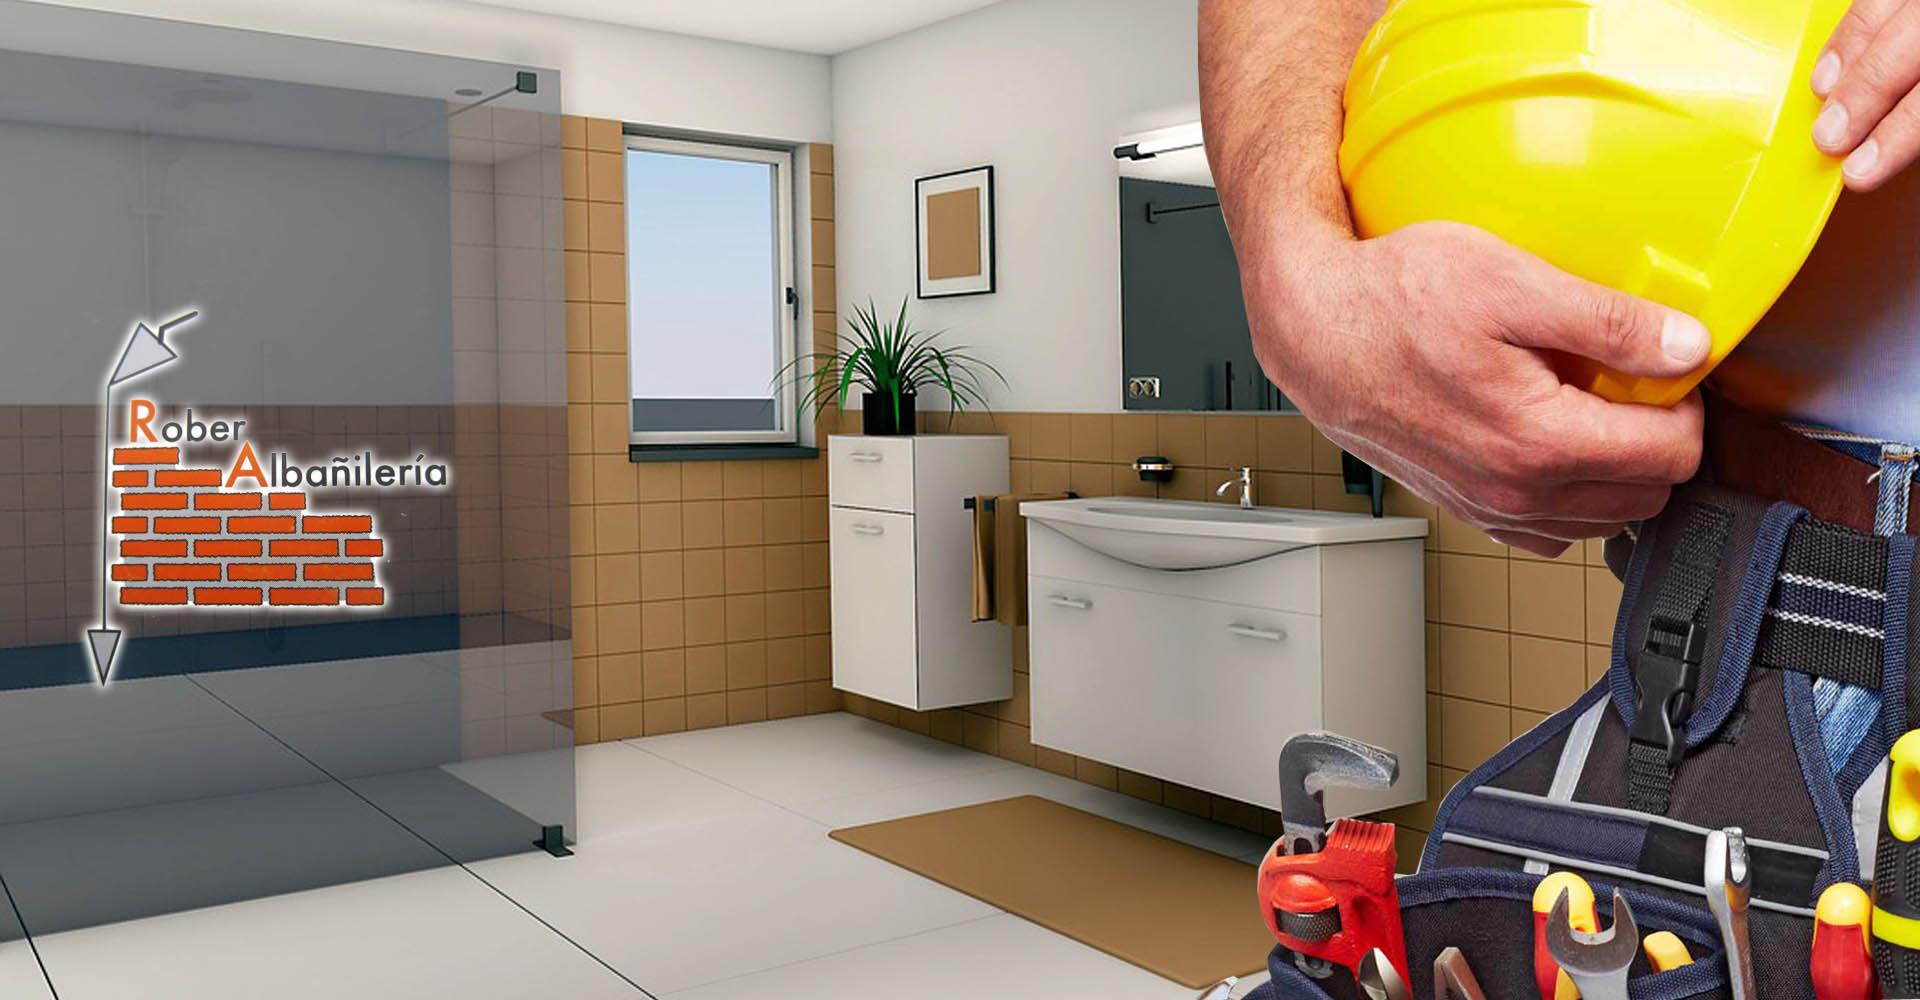 Buscas un presupuesto para la reforma de tu baño en Donostia-San Sebastián. Llama a Reformas rober, tenemos los mejores fontaneros de Donostia al mejor precio